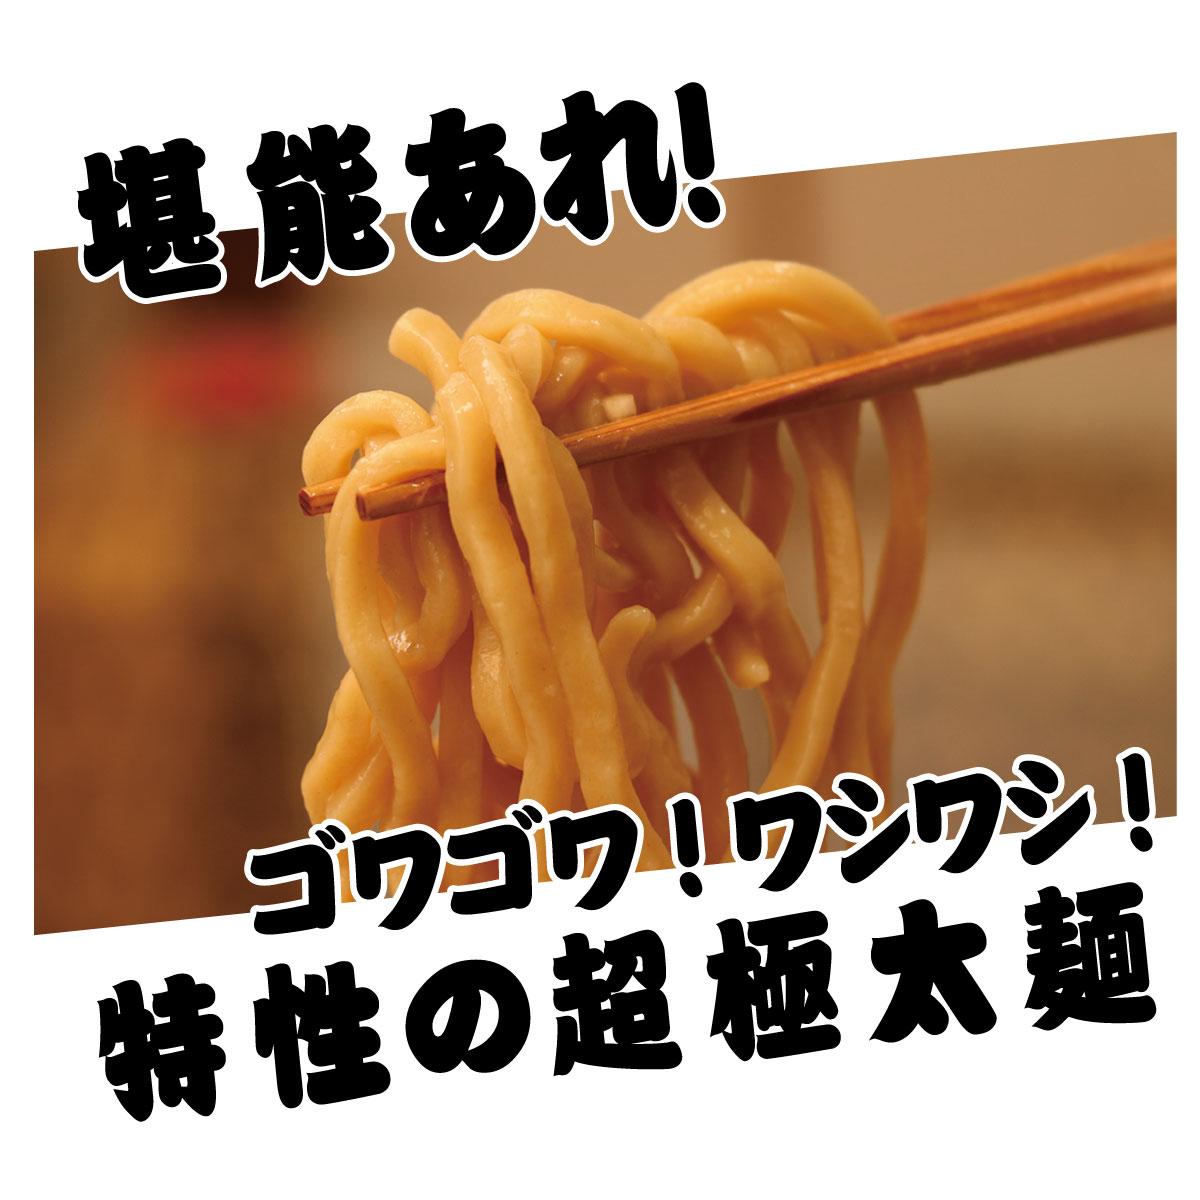 ゴワゴワ ワシワシ 特性の極太麺